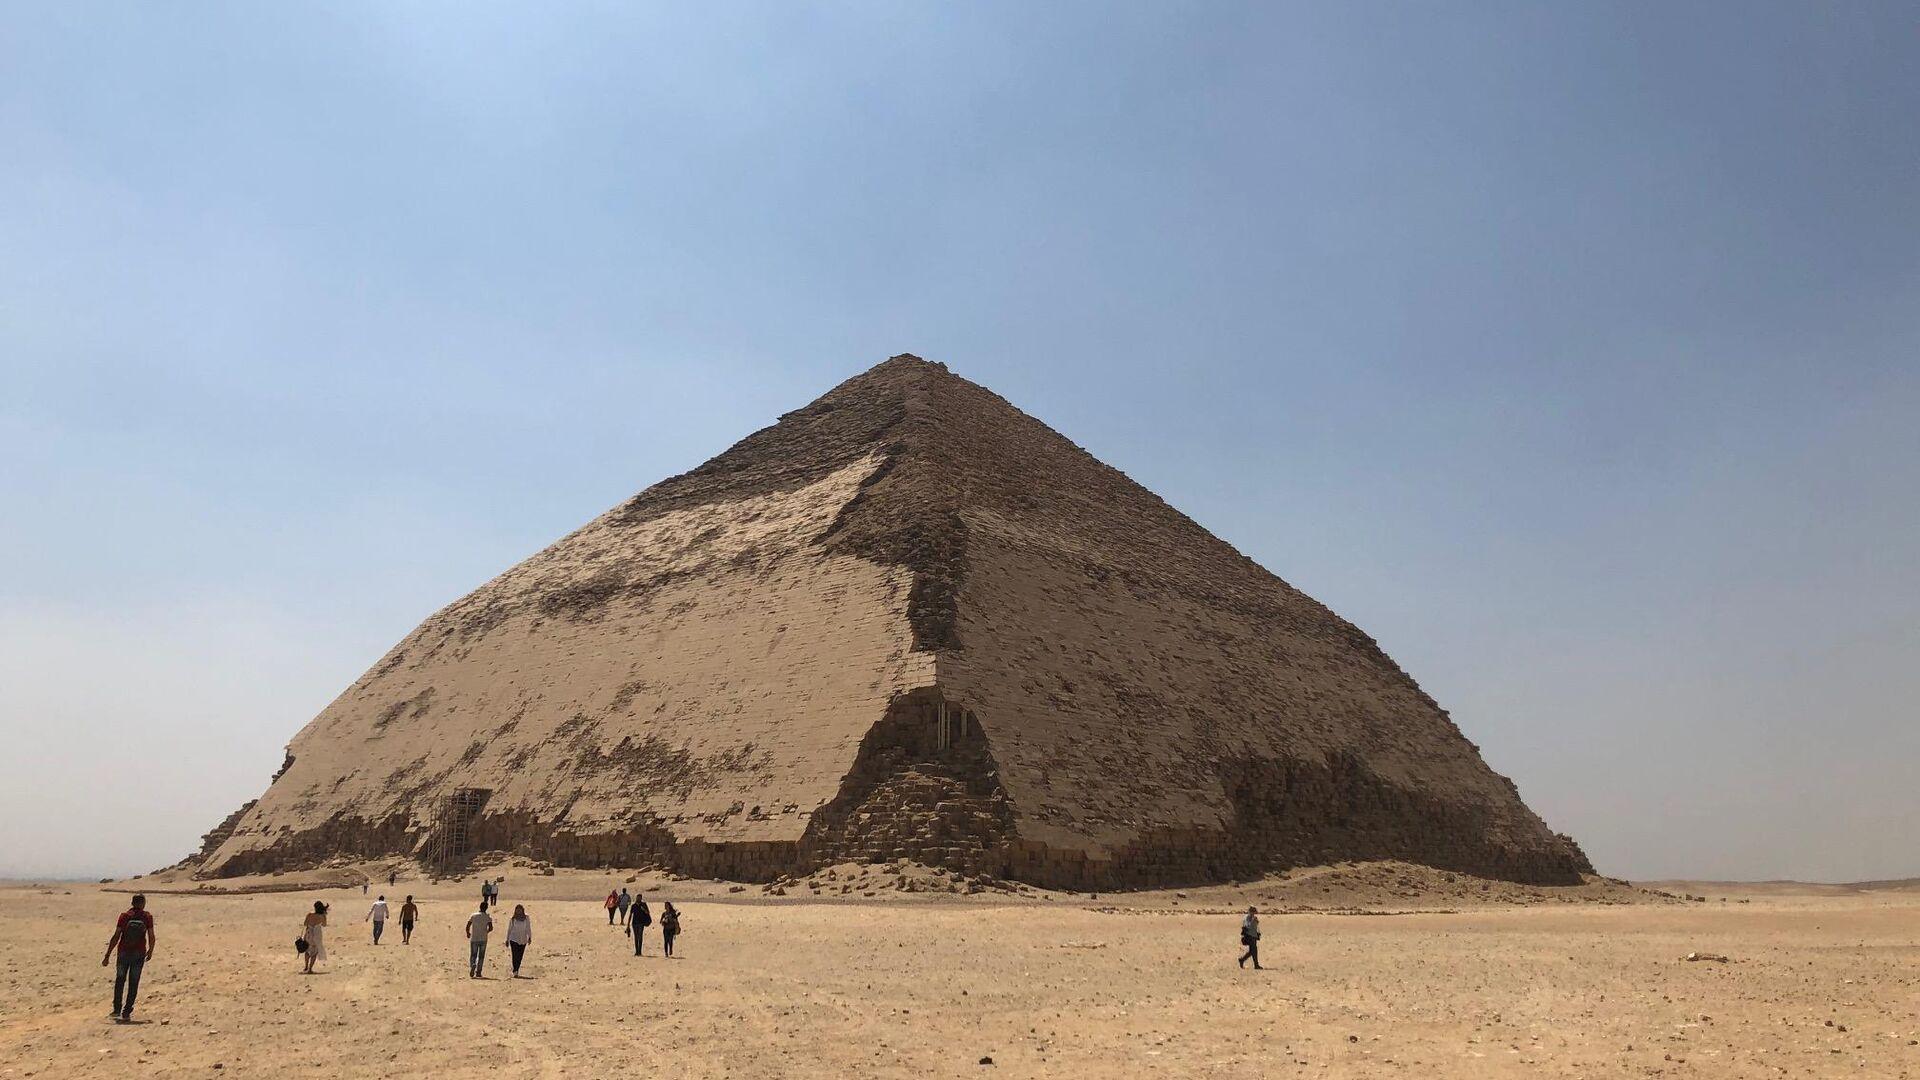 Ломаная пирамида в Дахшуре, Египет - РИА Новости, 1920, 18.09.2020